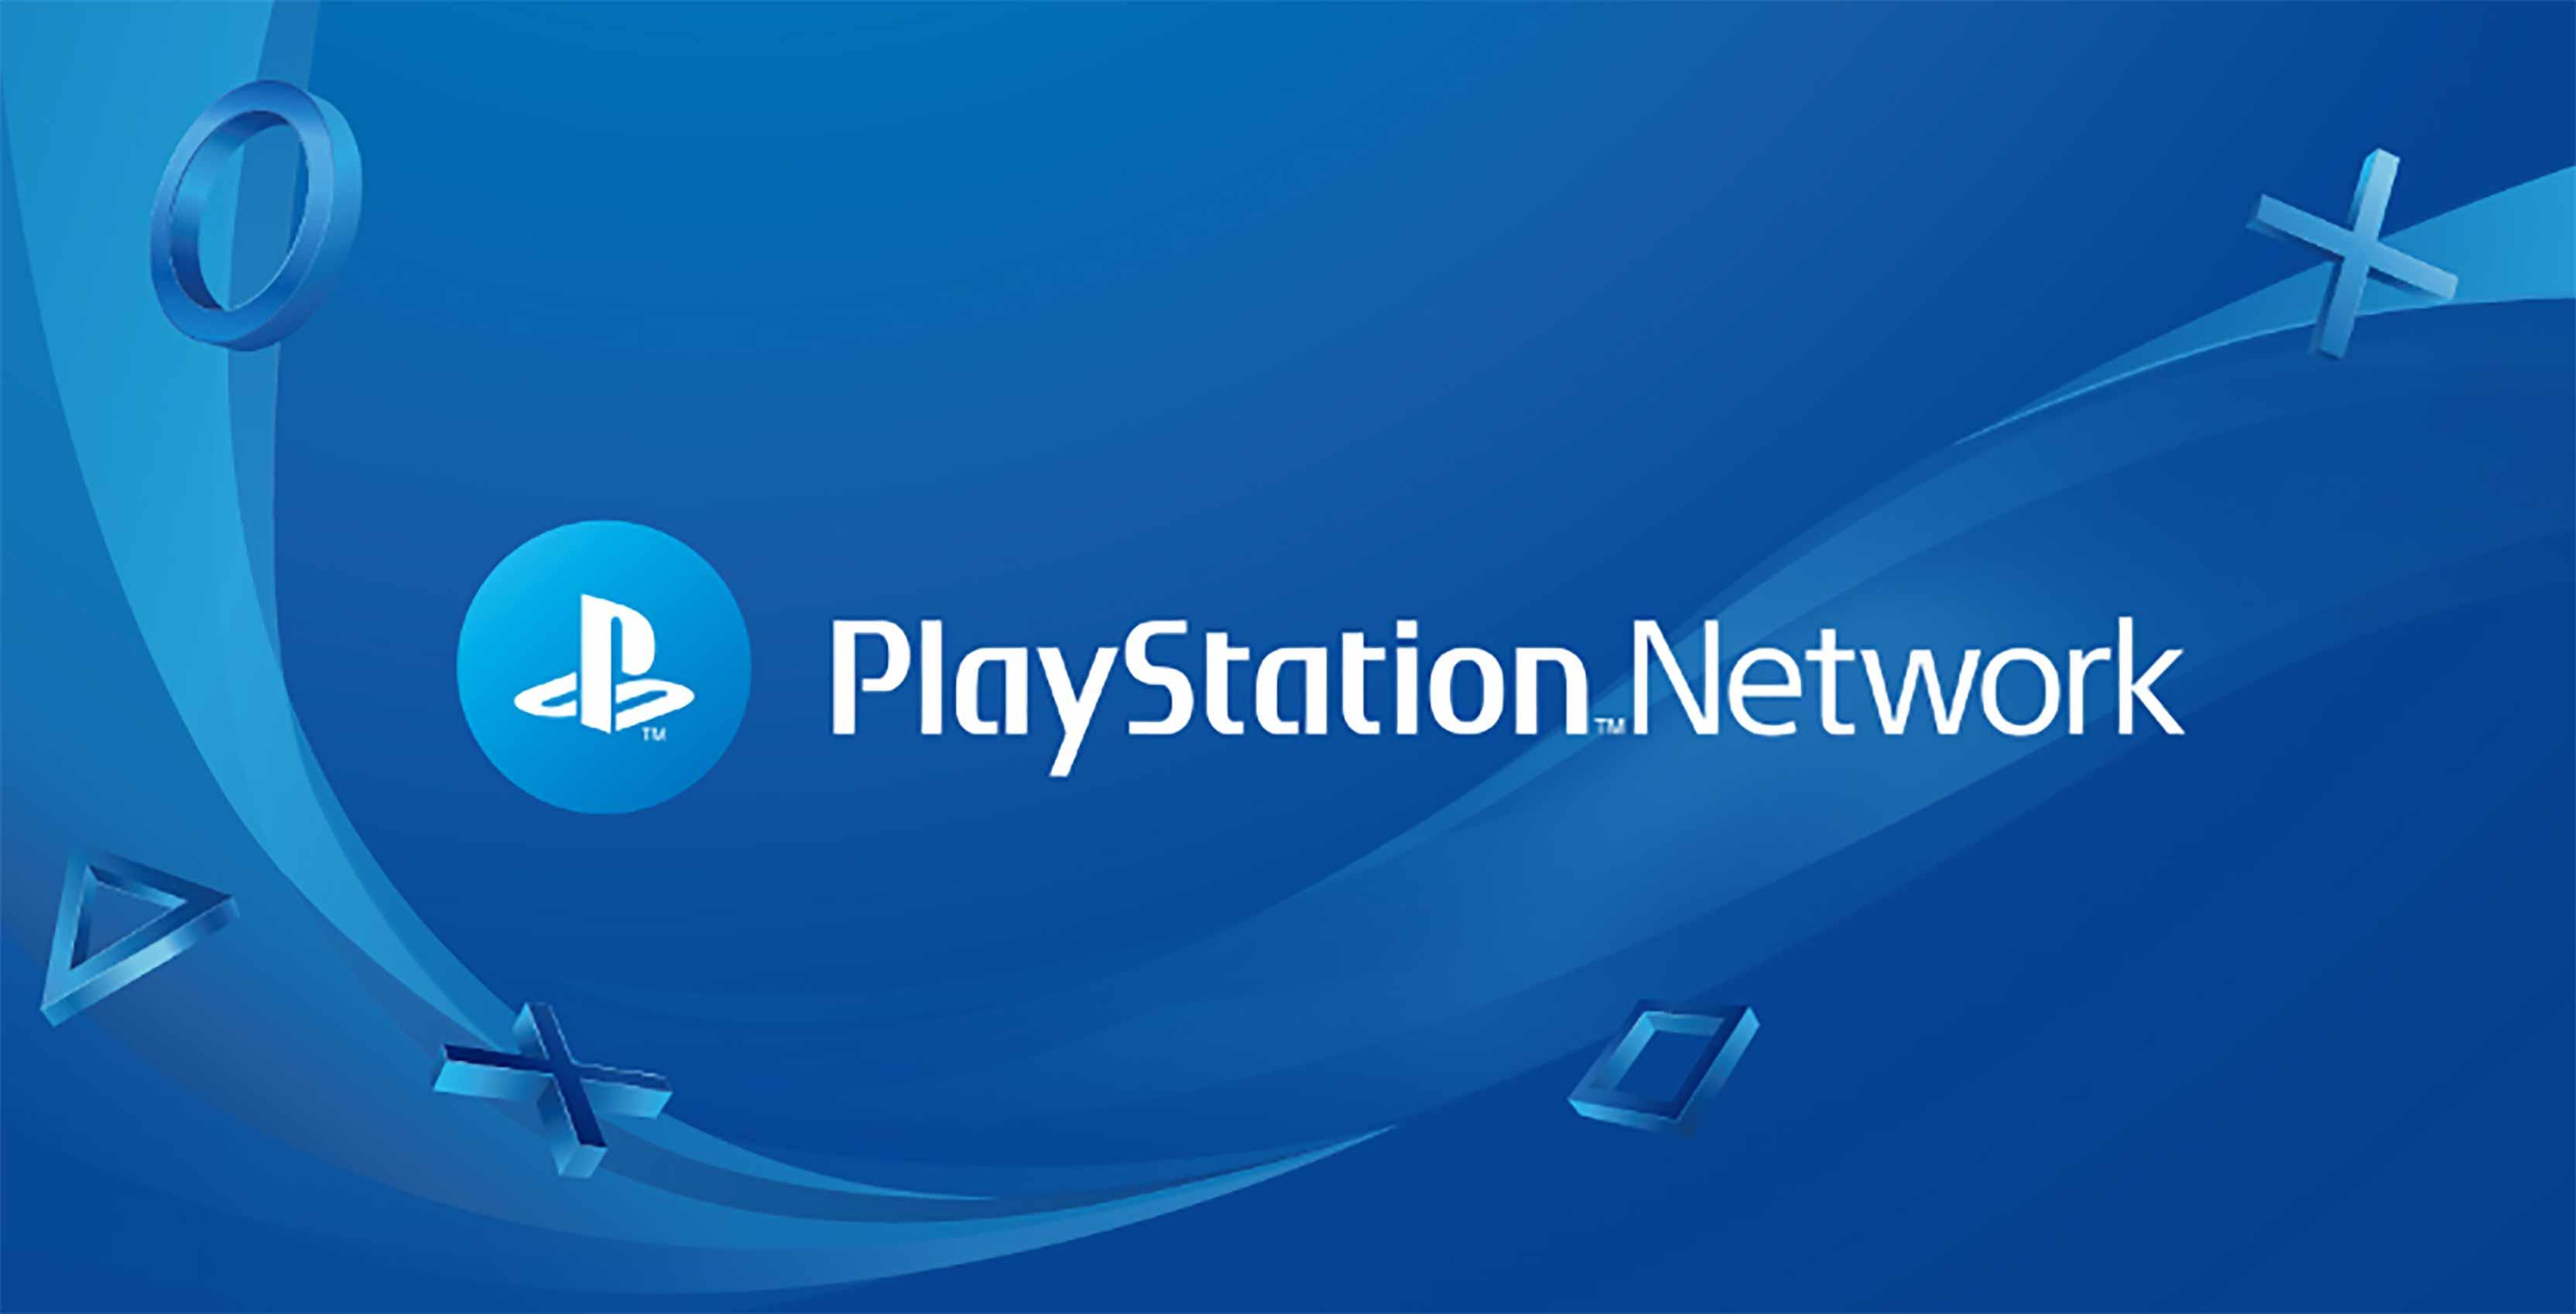 索尼PSN收入超过任天堂和Xbox游戏业务收入总和